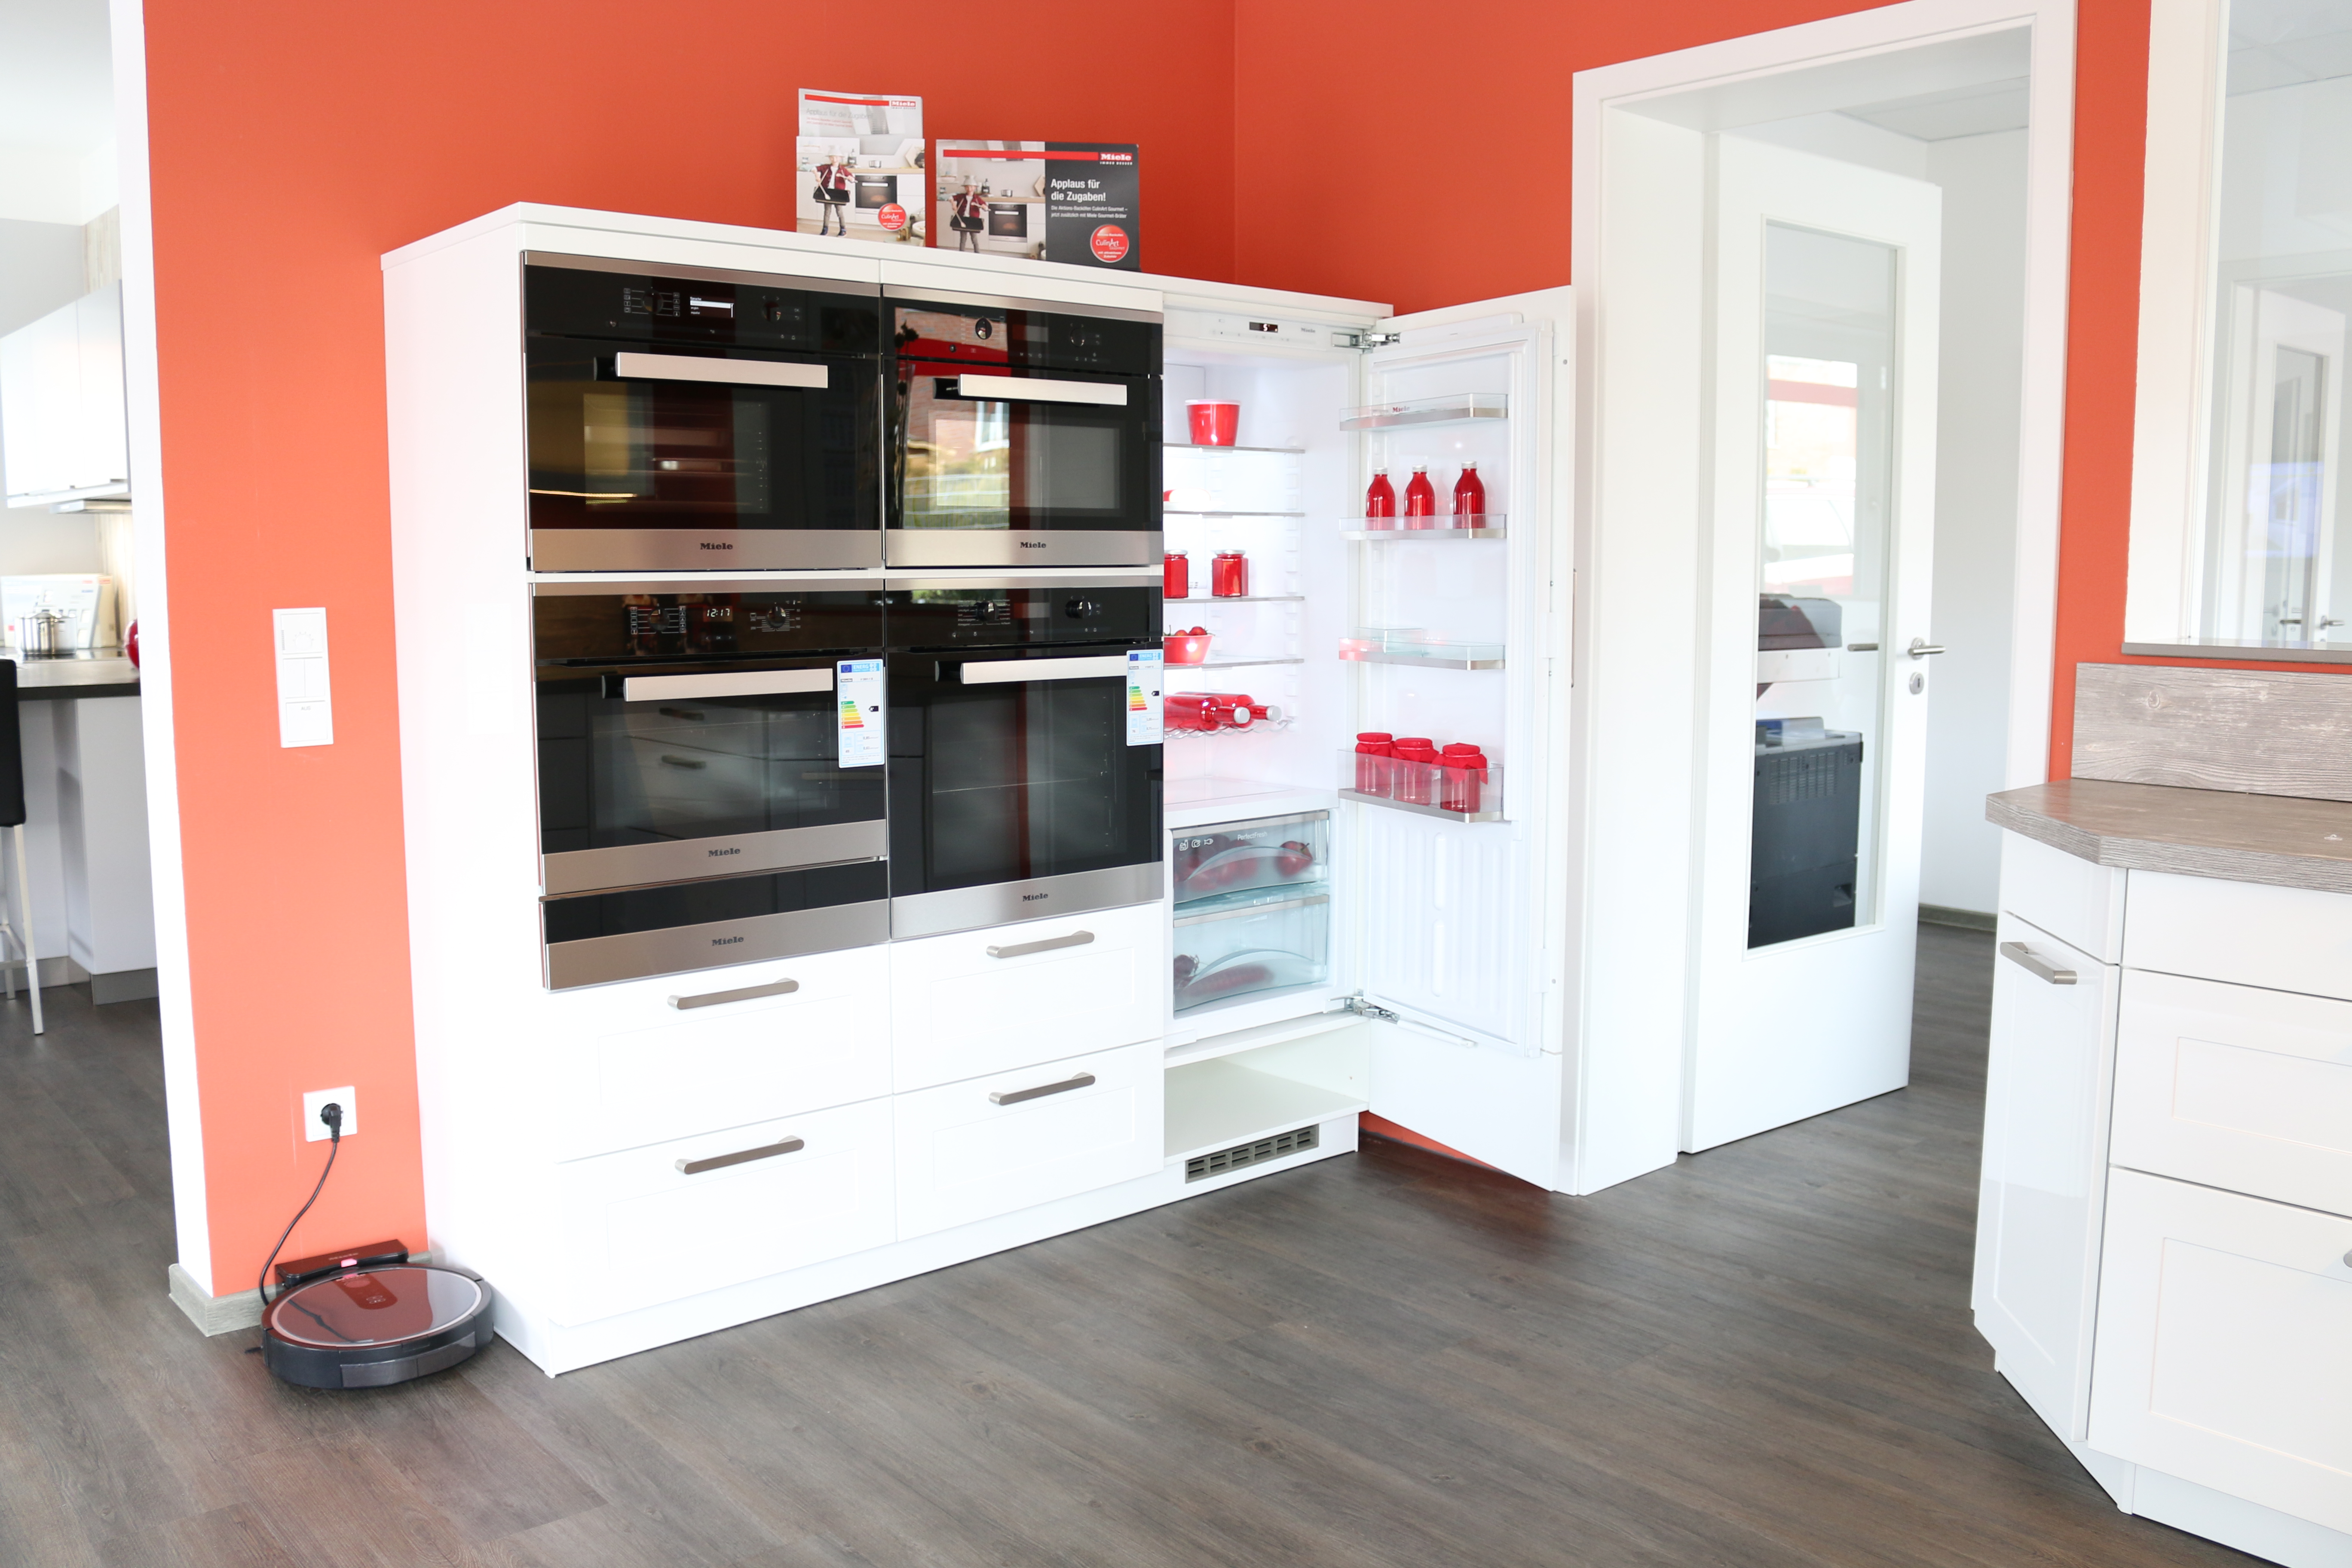 Kuchenstudio Kuchen Granitza Elektrotechnik Kundendienstkuchen